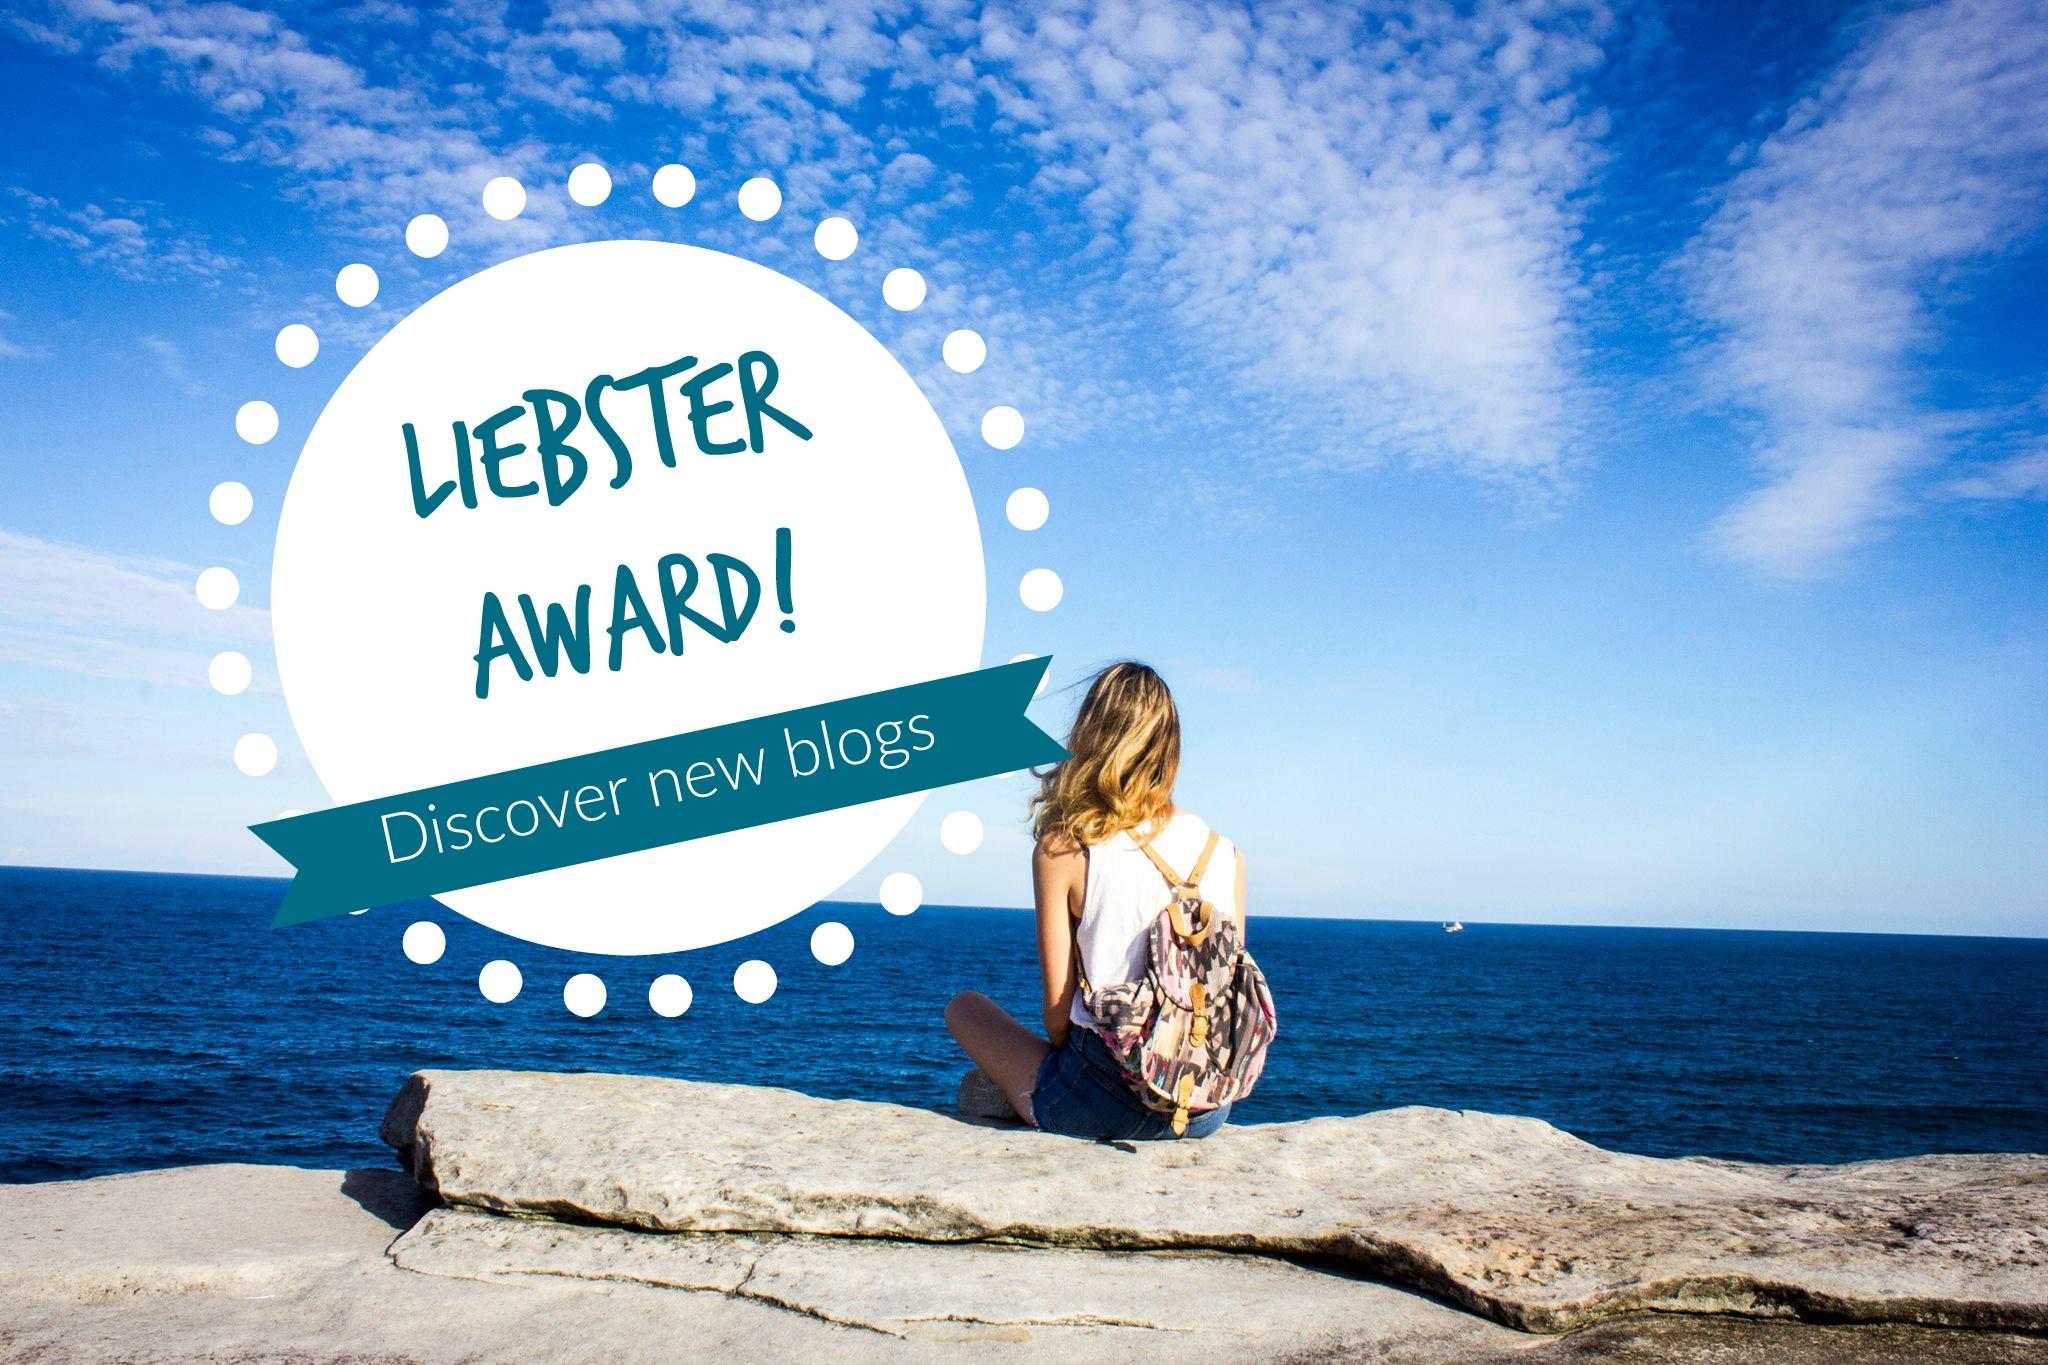 Liebster-Awards.jpg